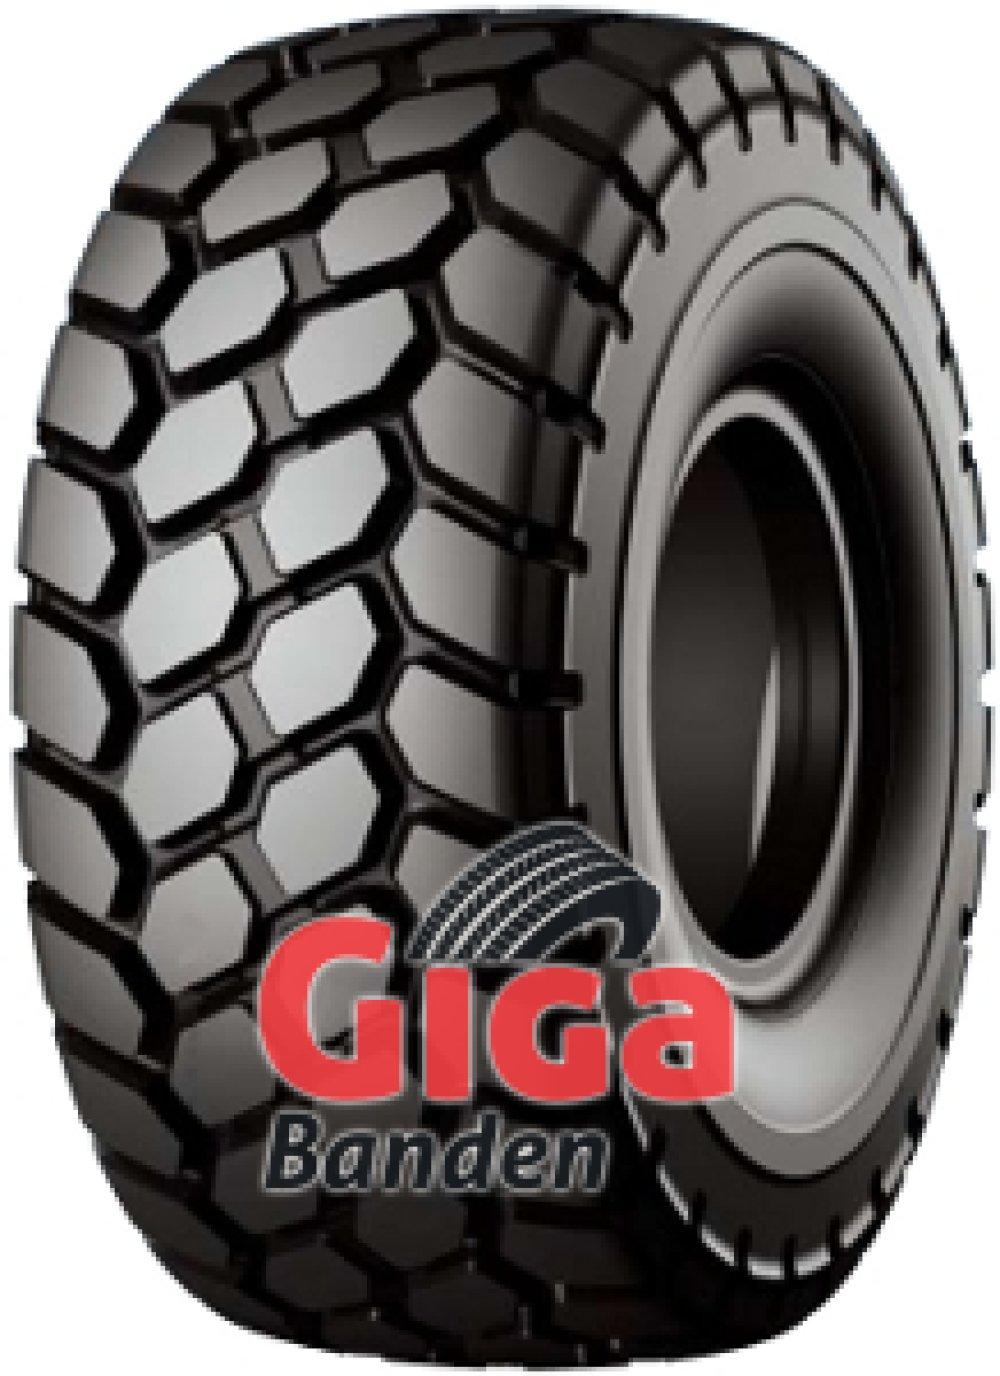 Bridgestone VJT ( 20.5 R25 TL Tragfähigkeit * )